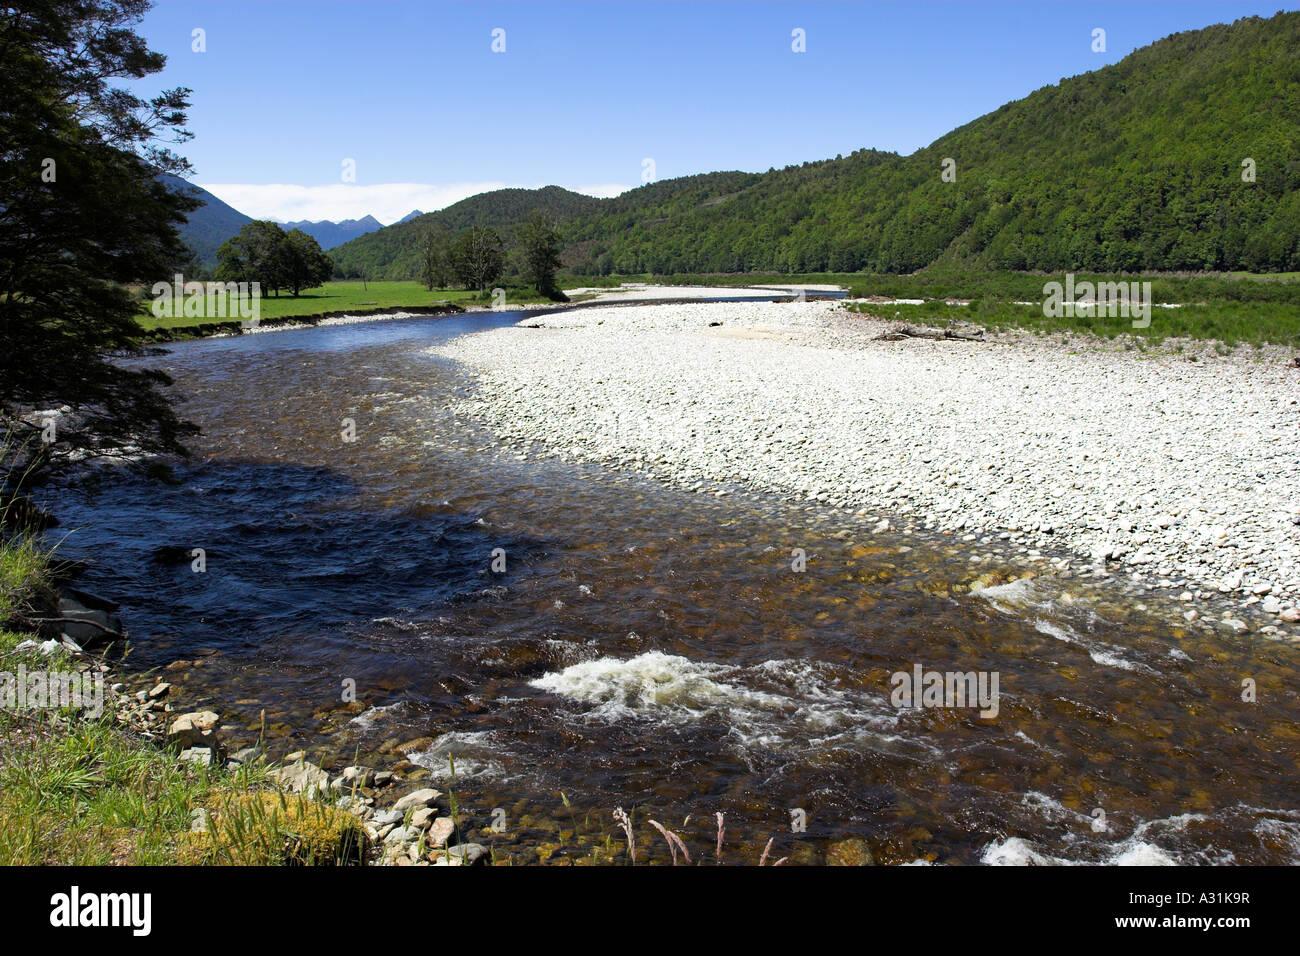 La parte superficial del río cerca de Reefton Inangahua en la Isla del Sur, Nueva Zelanda Foto de stock